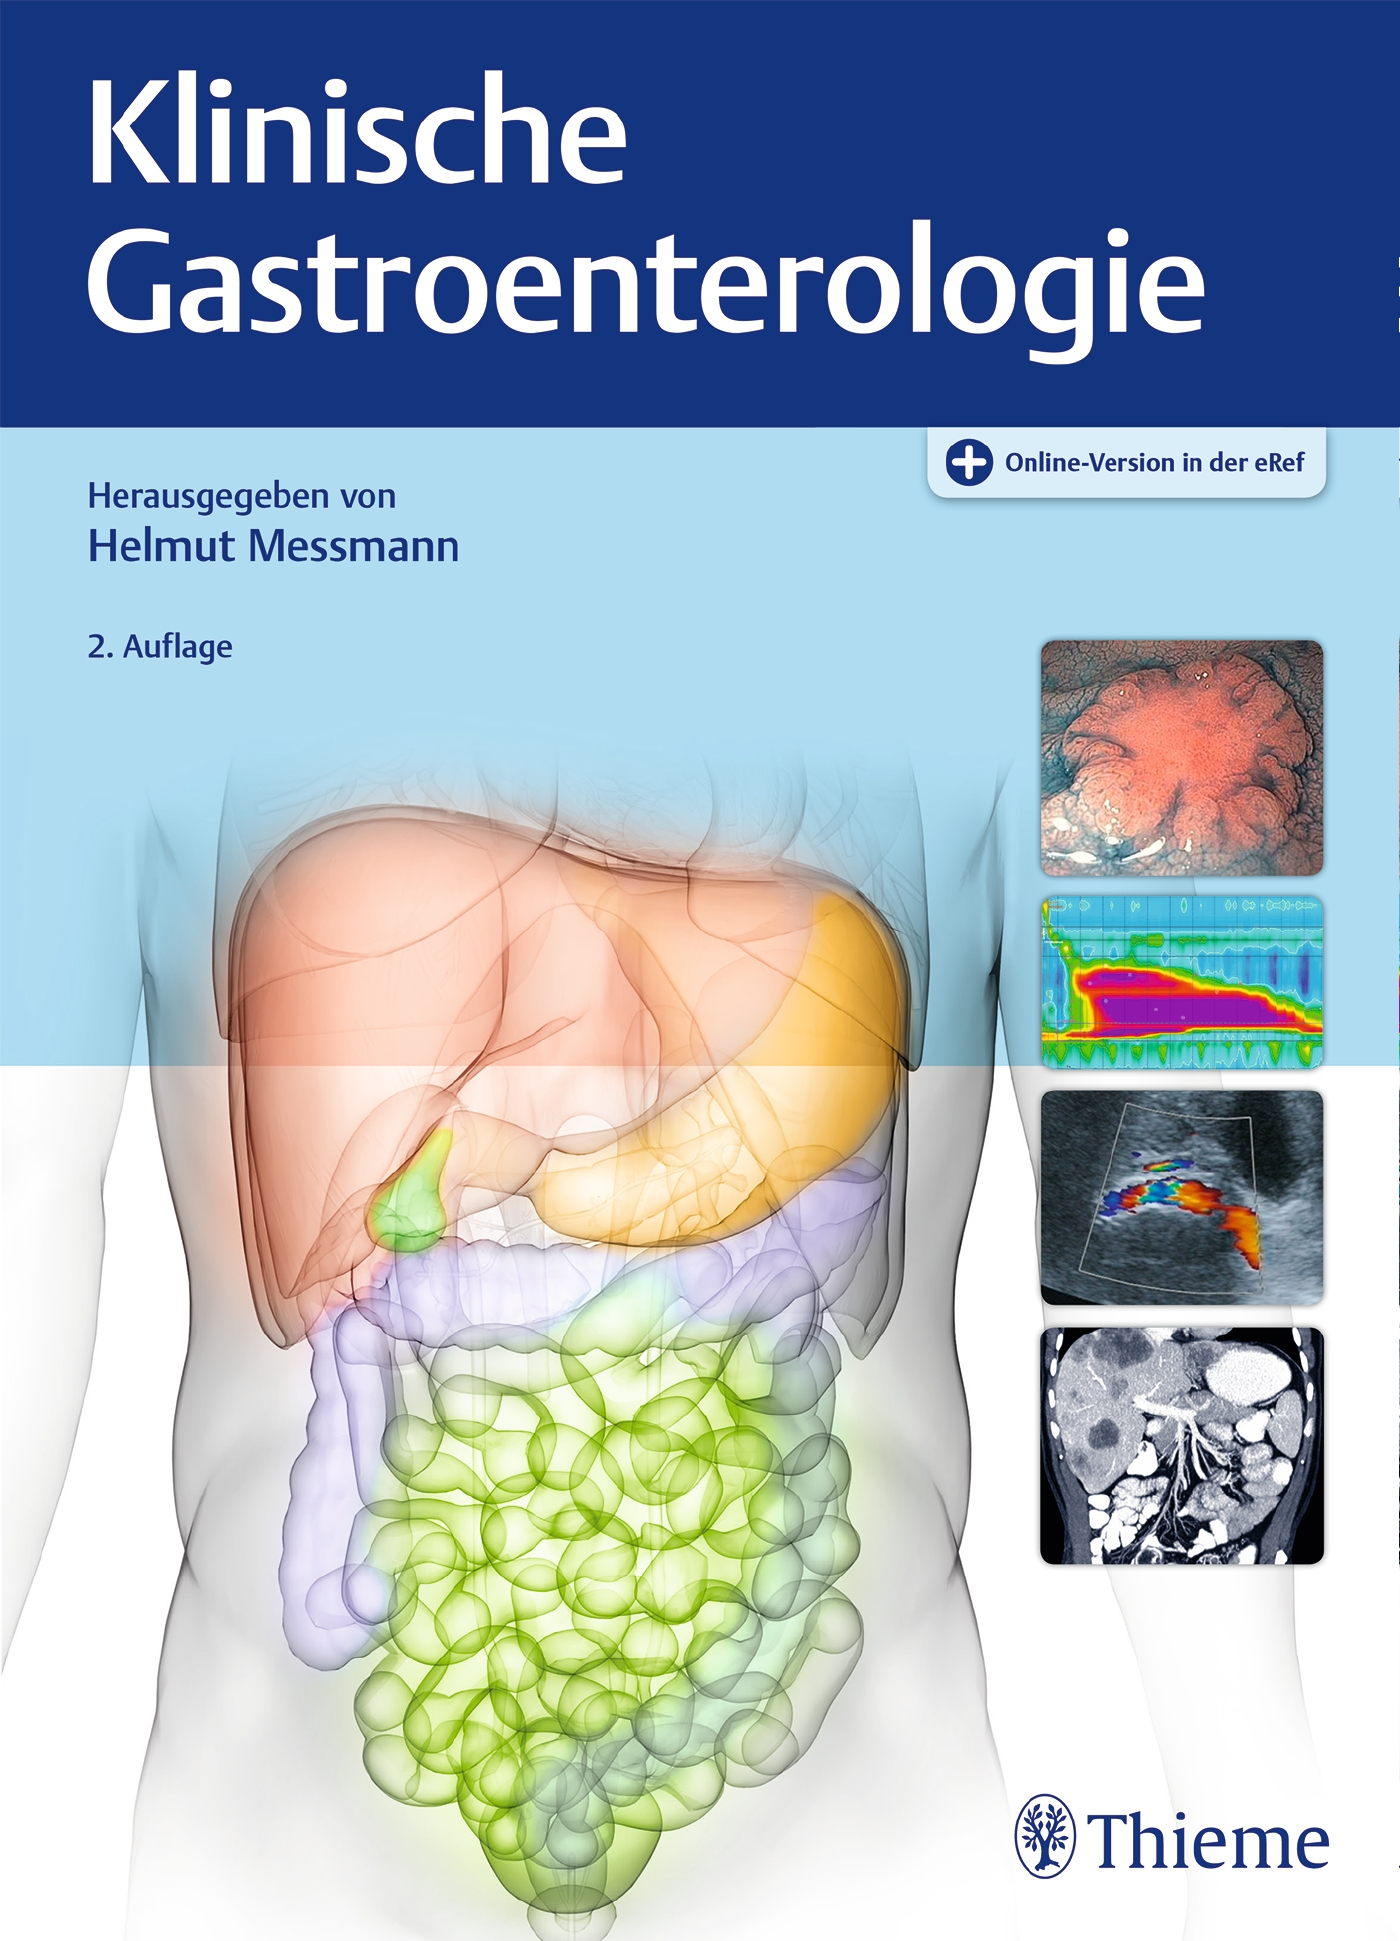 Klinische Gastroenterologie